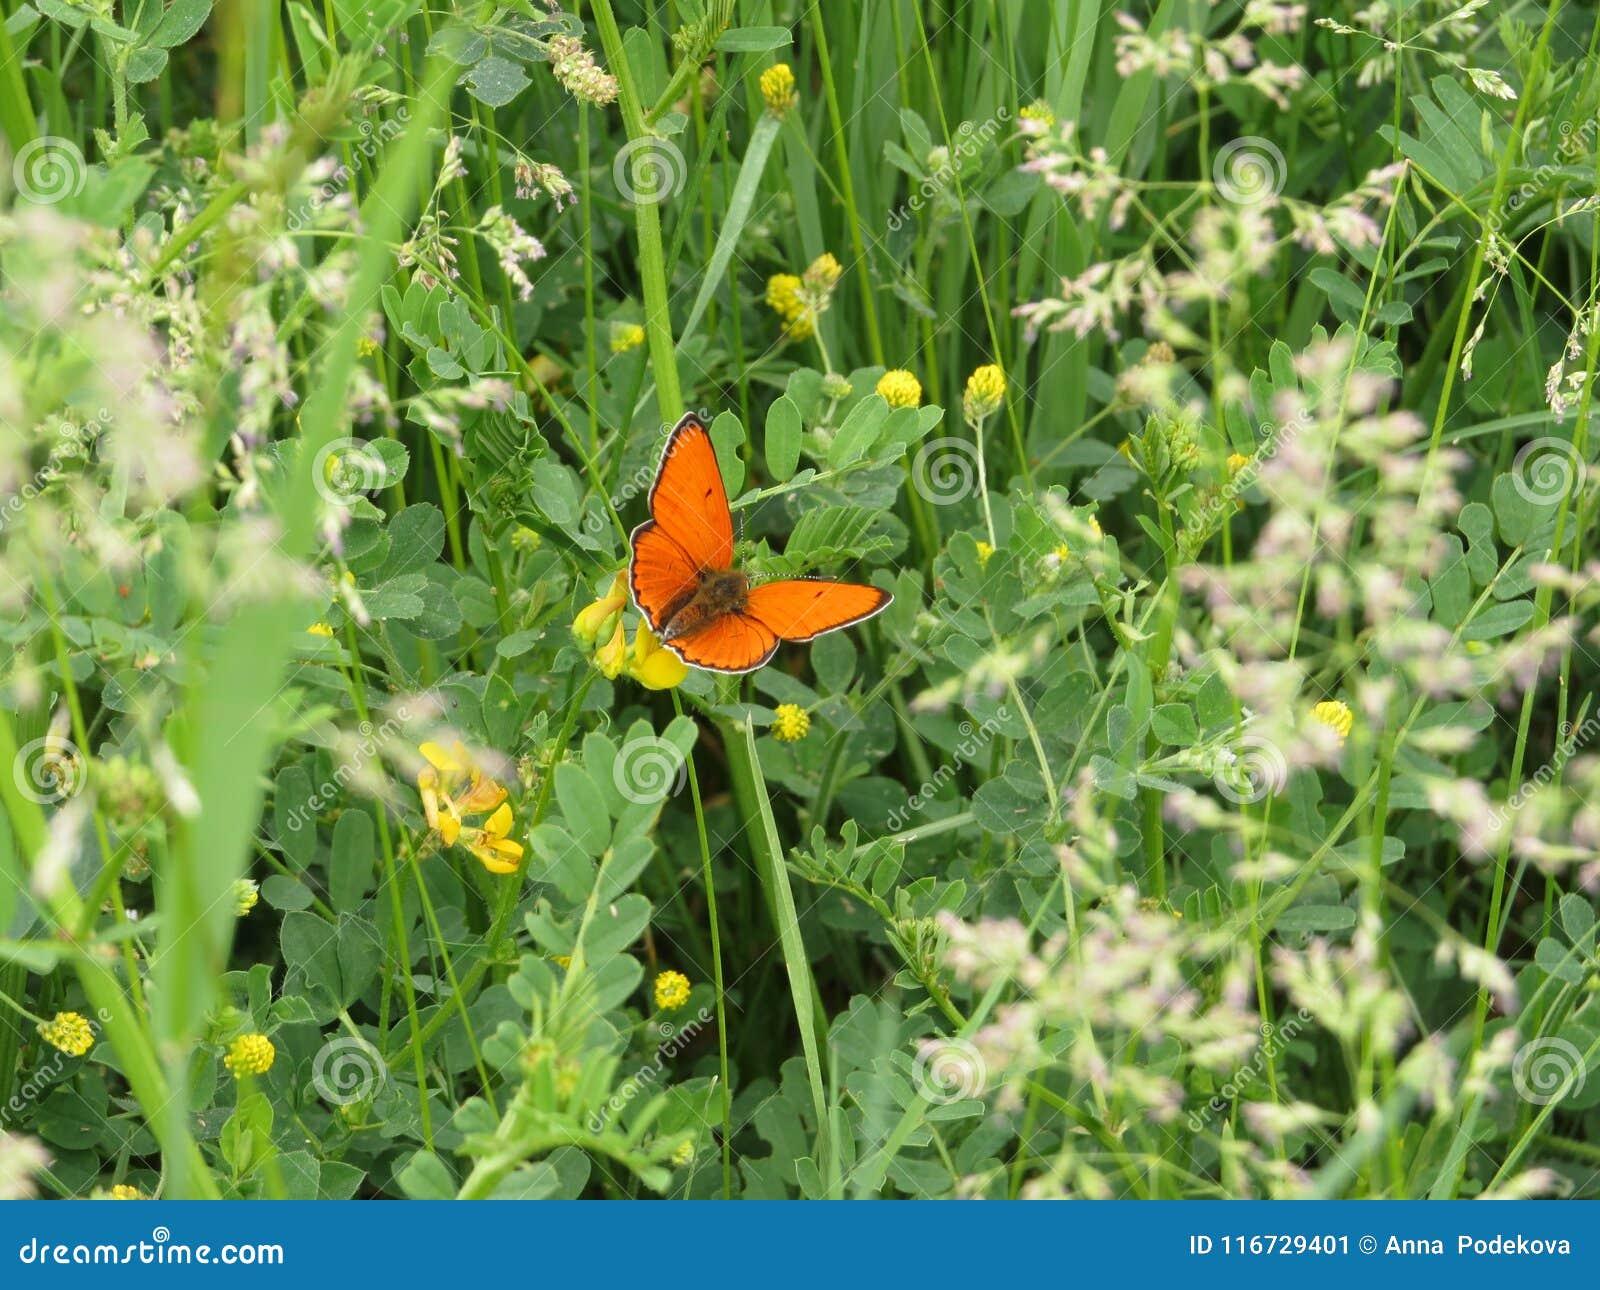 Оранжевая бабочка в зеленом луге весны Медная бабочка